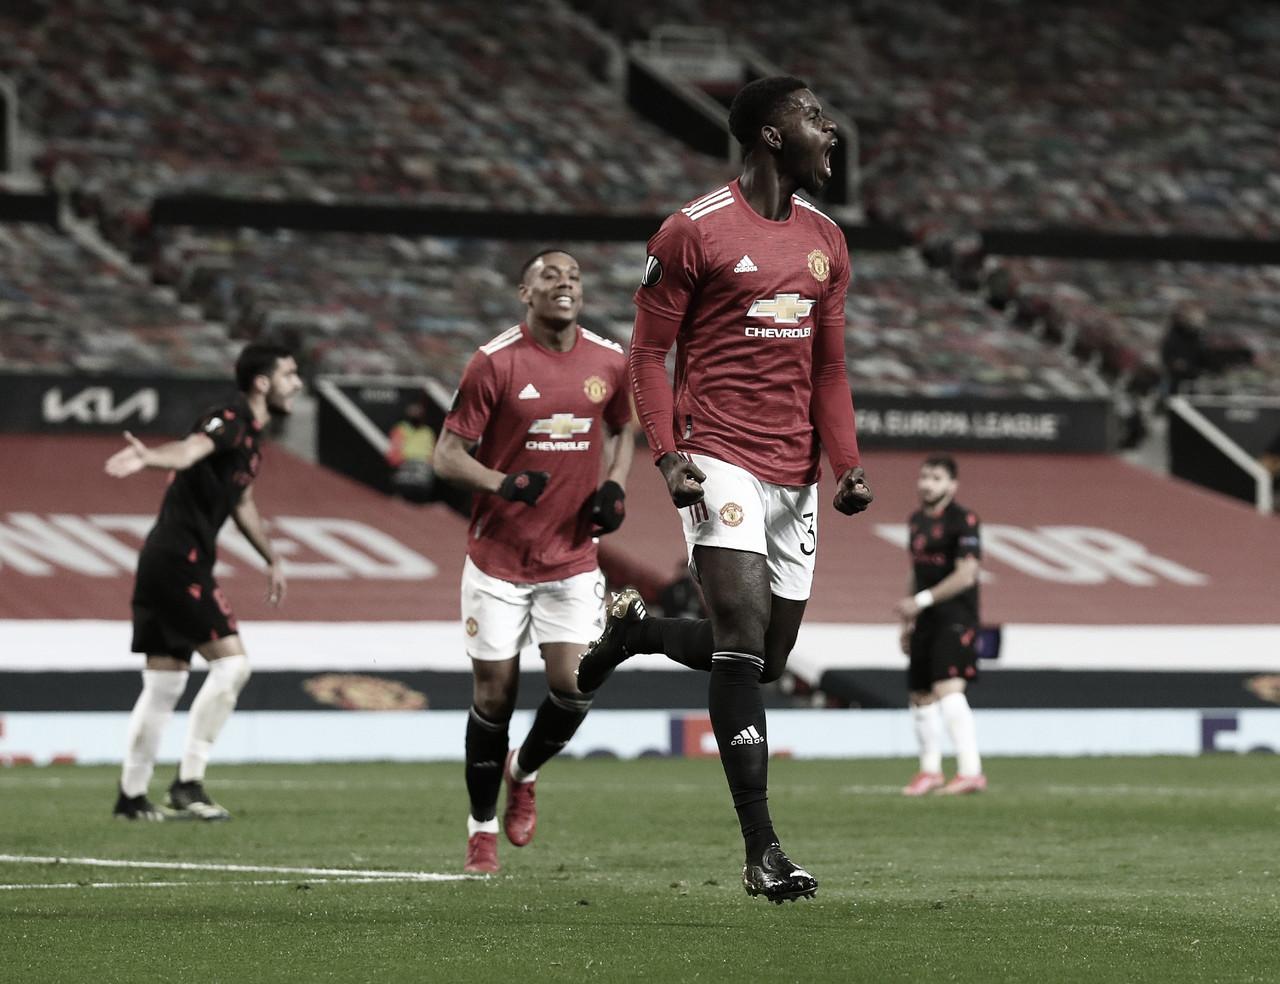 Manchester United empata sem gols com Real Sociedad e avança às oitavas da Europa League